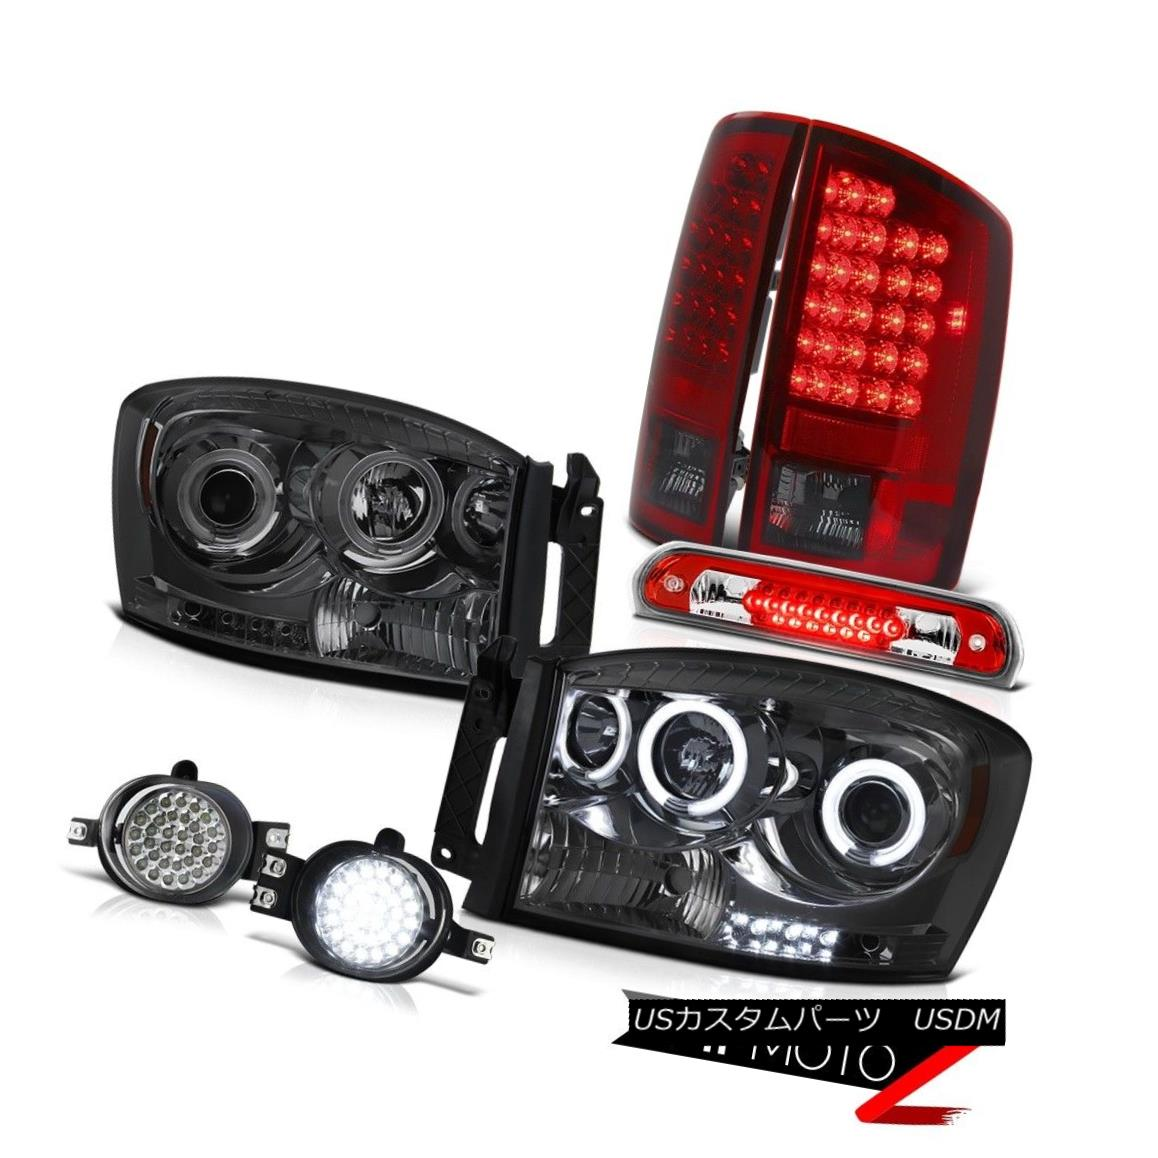 ヘッドライト CCFL Rim Headlights Dark Red Taillights LED Fog Kit 3rd 2006 Dodge Ram Magnum V8 CCFLリムヘッドライトダークレッドティアライトLEDフォグキット2006年第3回Dodge Ram Magnum V8